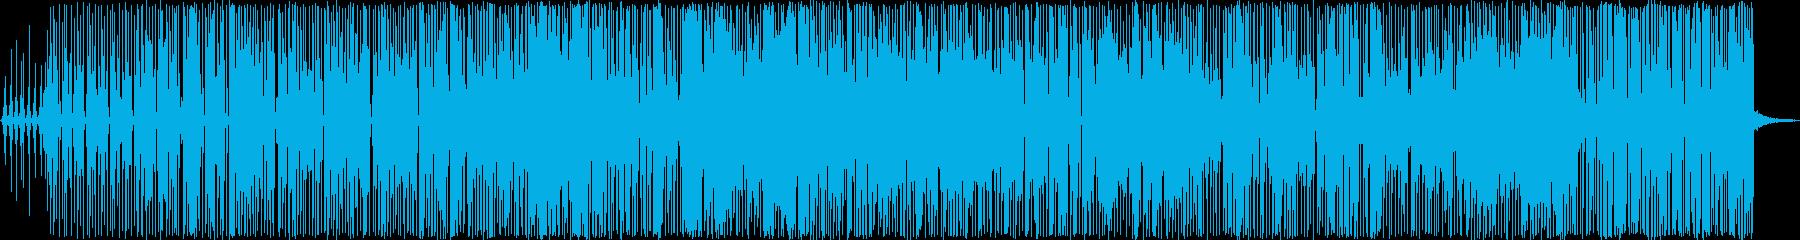 太いシンセベースがかっこいいファンクの再生済みの波形